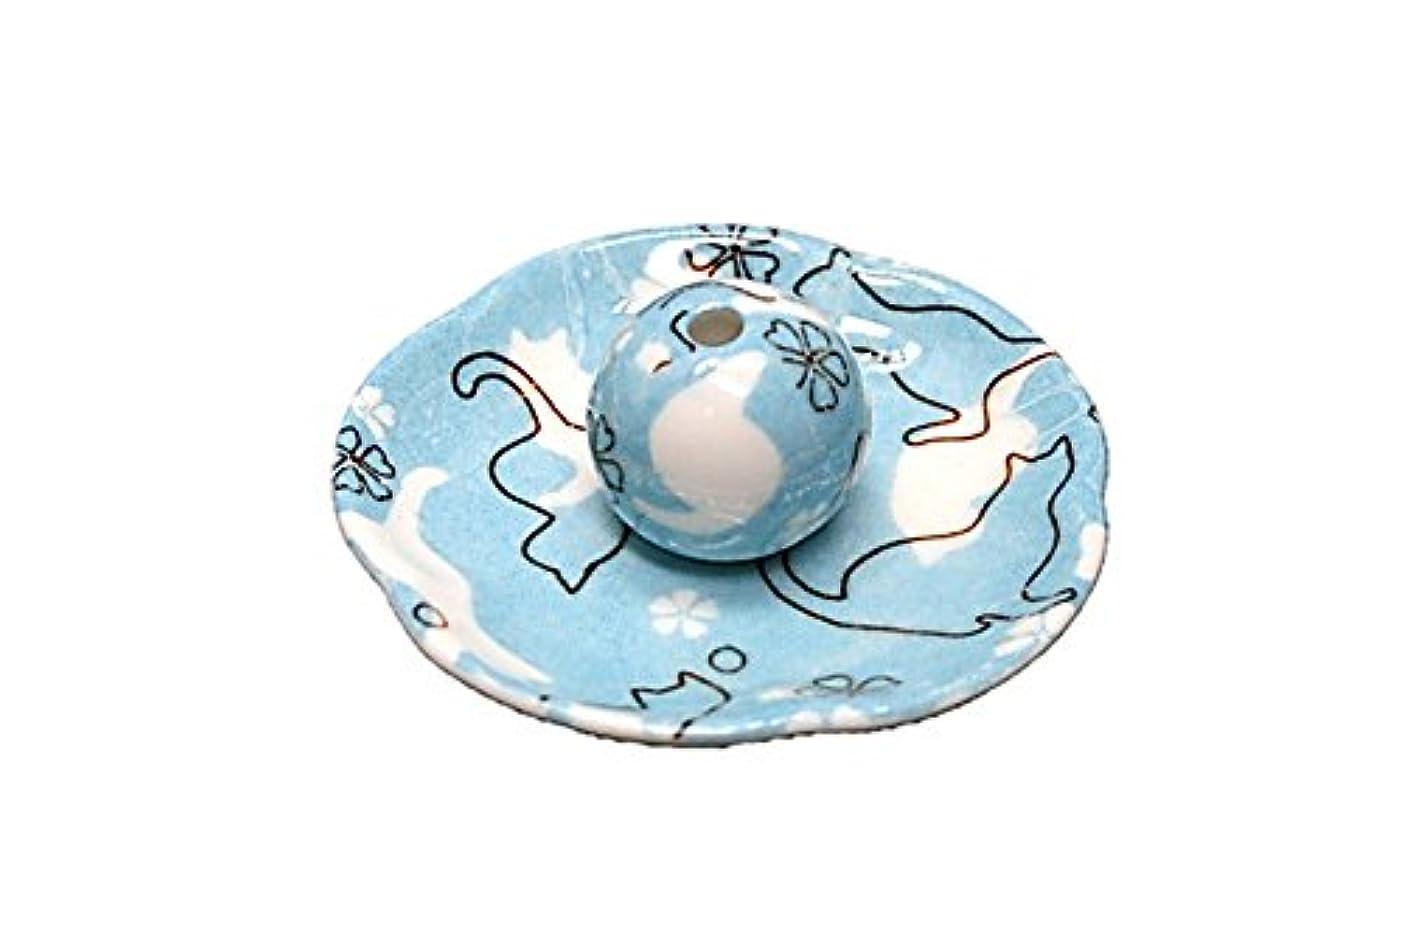 世紀範囲残高ねこランド ブルー 花形香皿 お香立て ネコ 猫 ACSWEBSHOPオリジナル